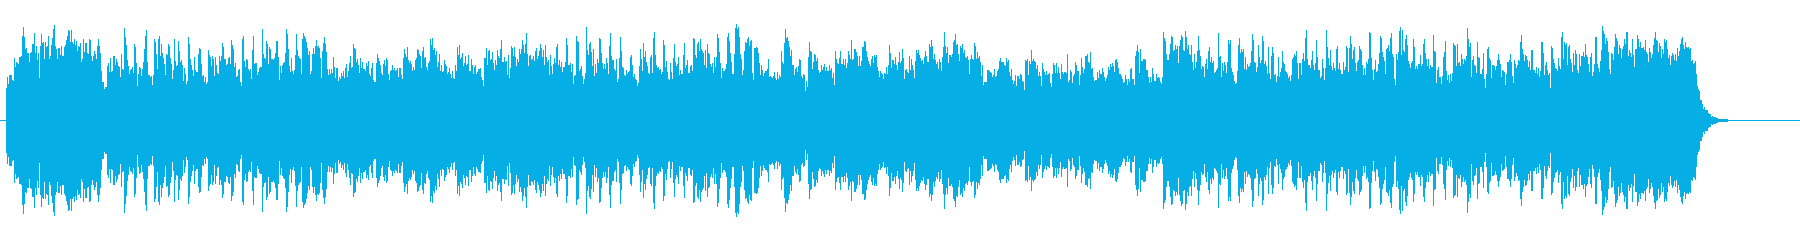 時代劇スペシャル系マイナー・テーマの再生済みの波形